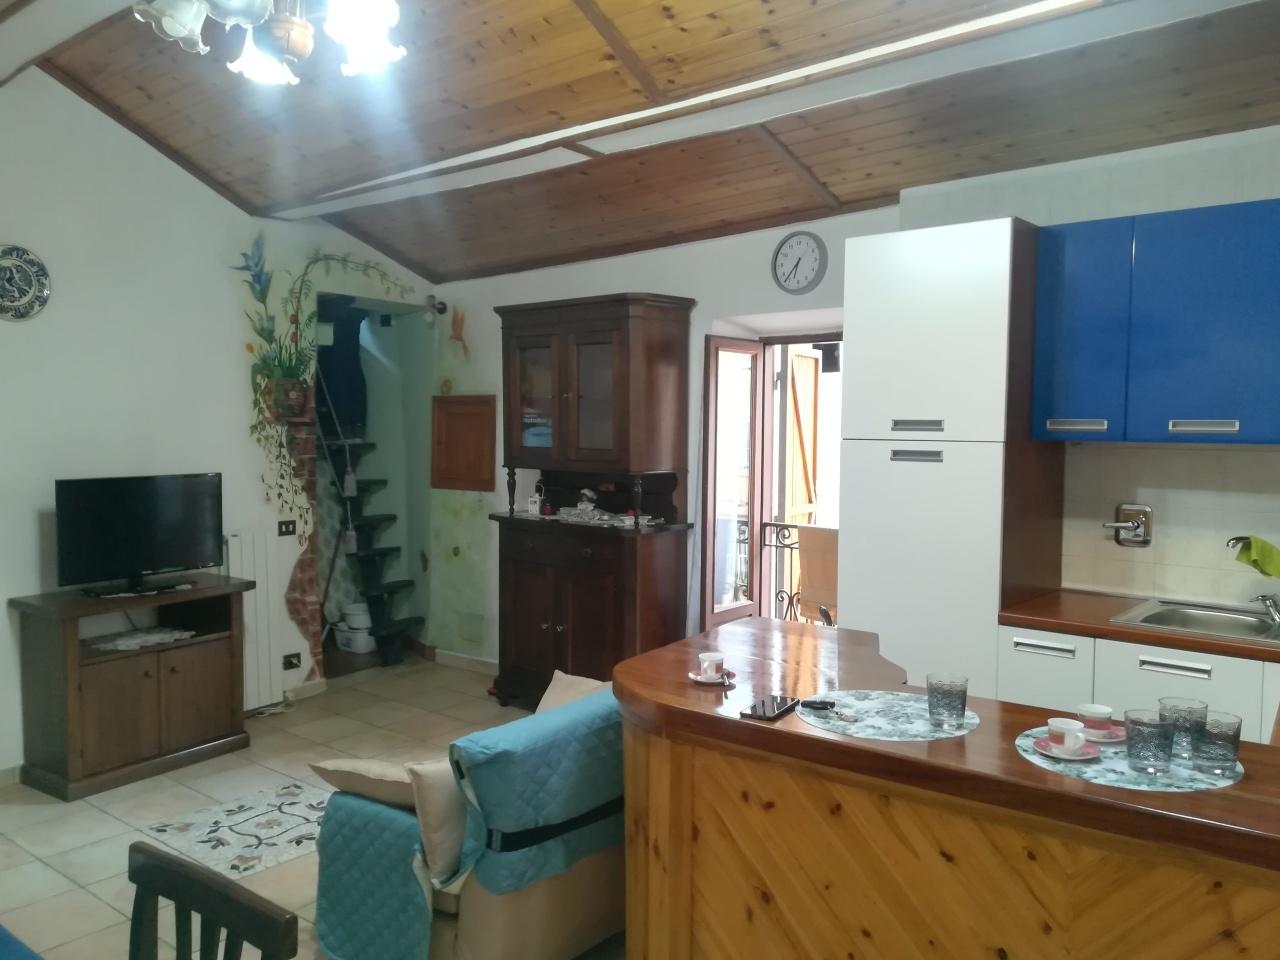 Appartamento in vendita a Genazzano, 2 locali, prezzo € 63.500 | CambioCasa.it